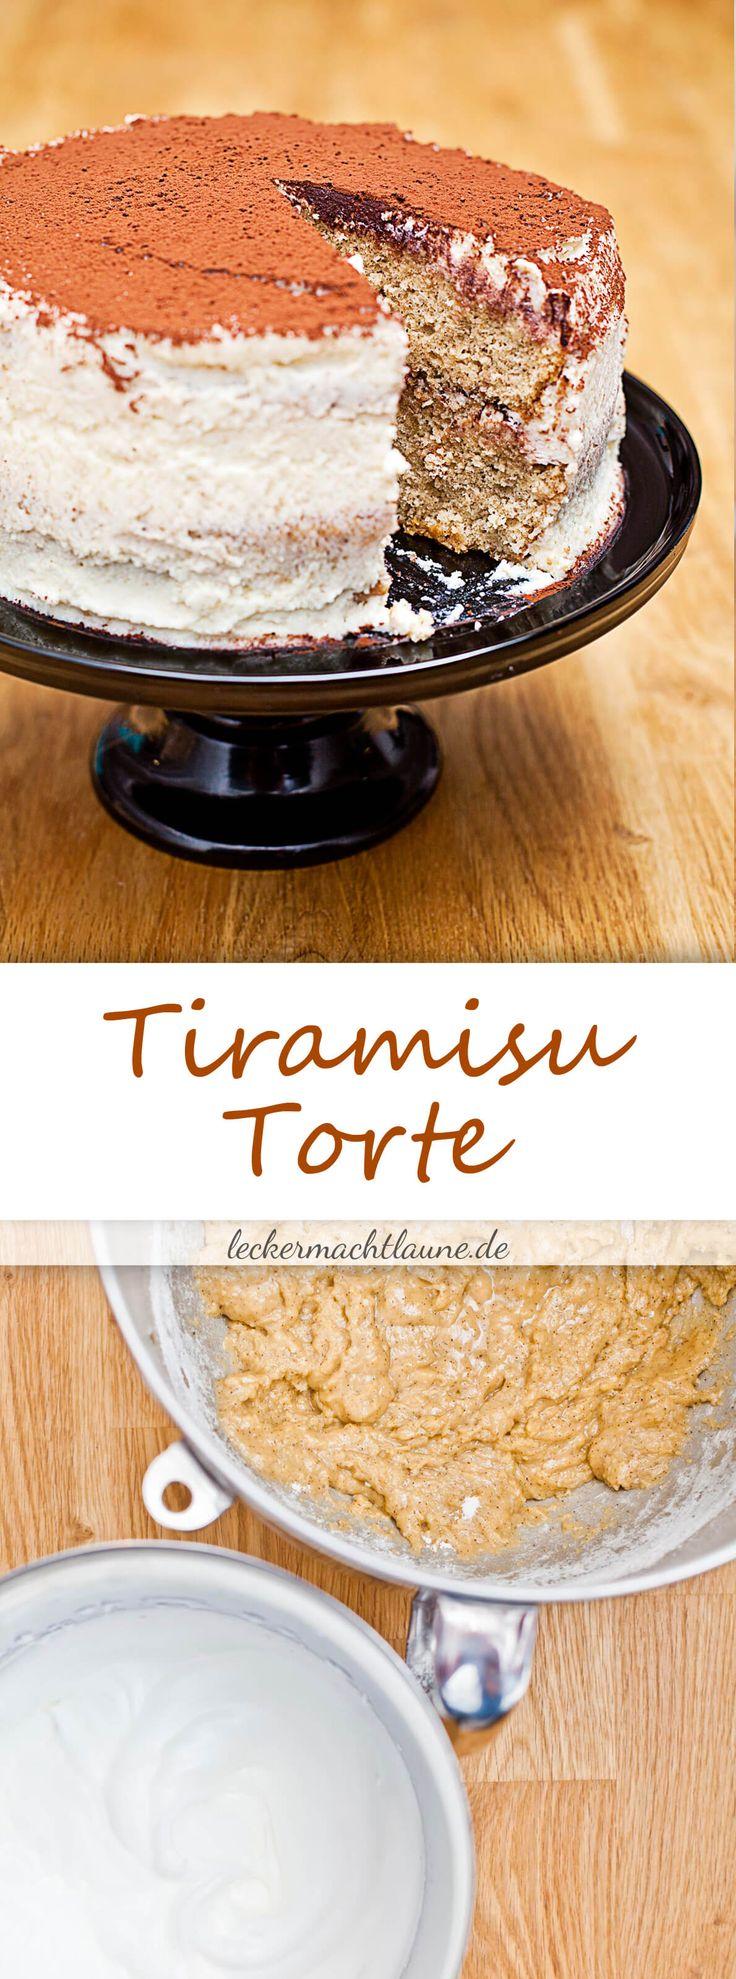 Tiramisu-Torte {à la melissa forti}